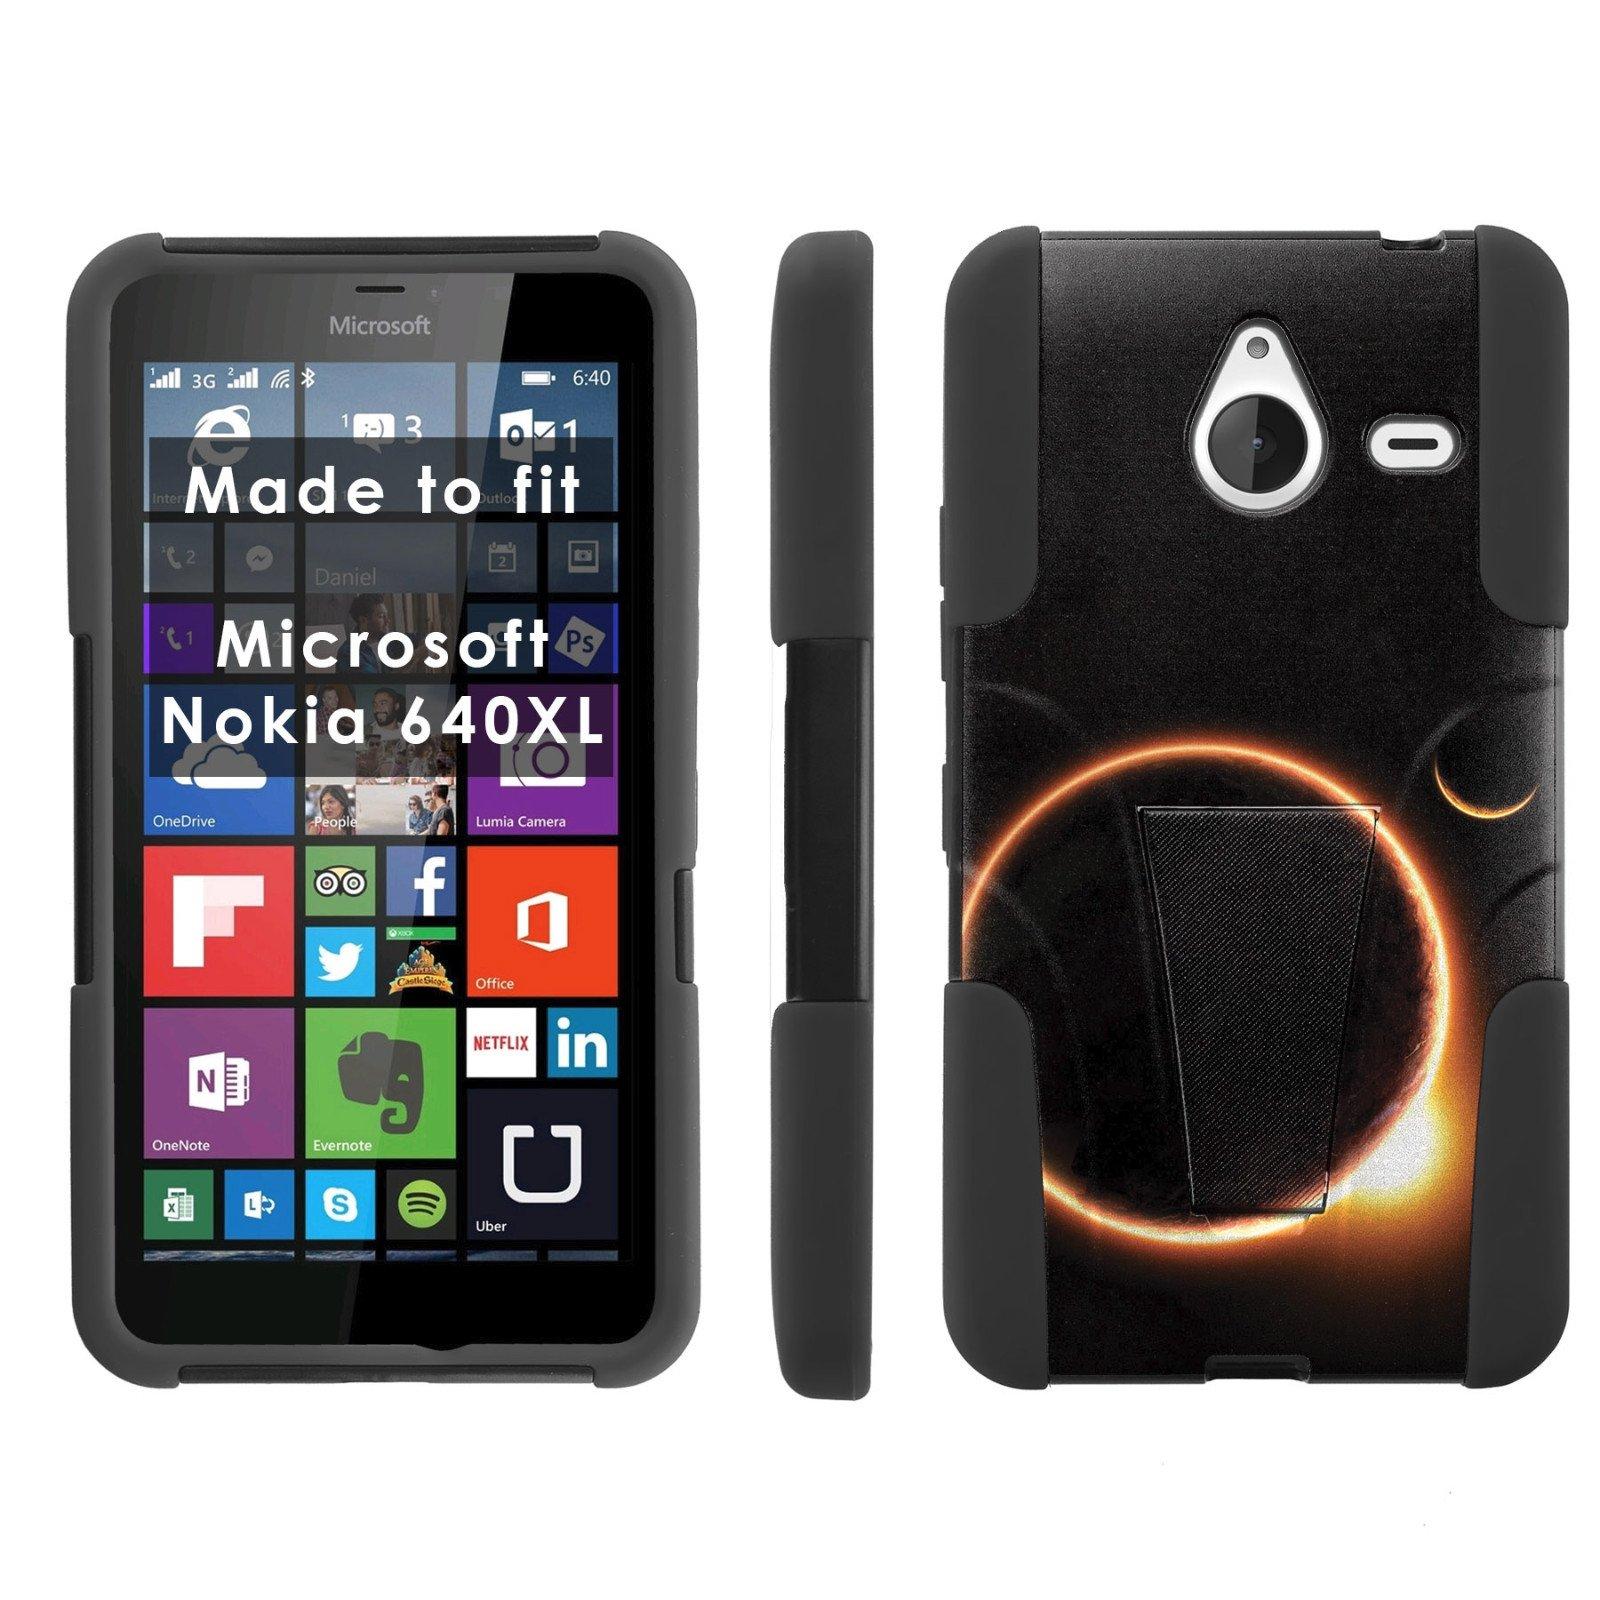 Mobiflare Armor Kick Flip Grip Case for [Microsoft Nokia Lumia 640 XL] - Solar Eclipse